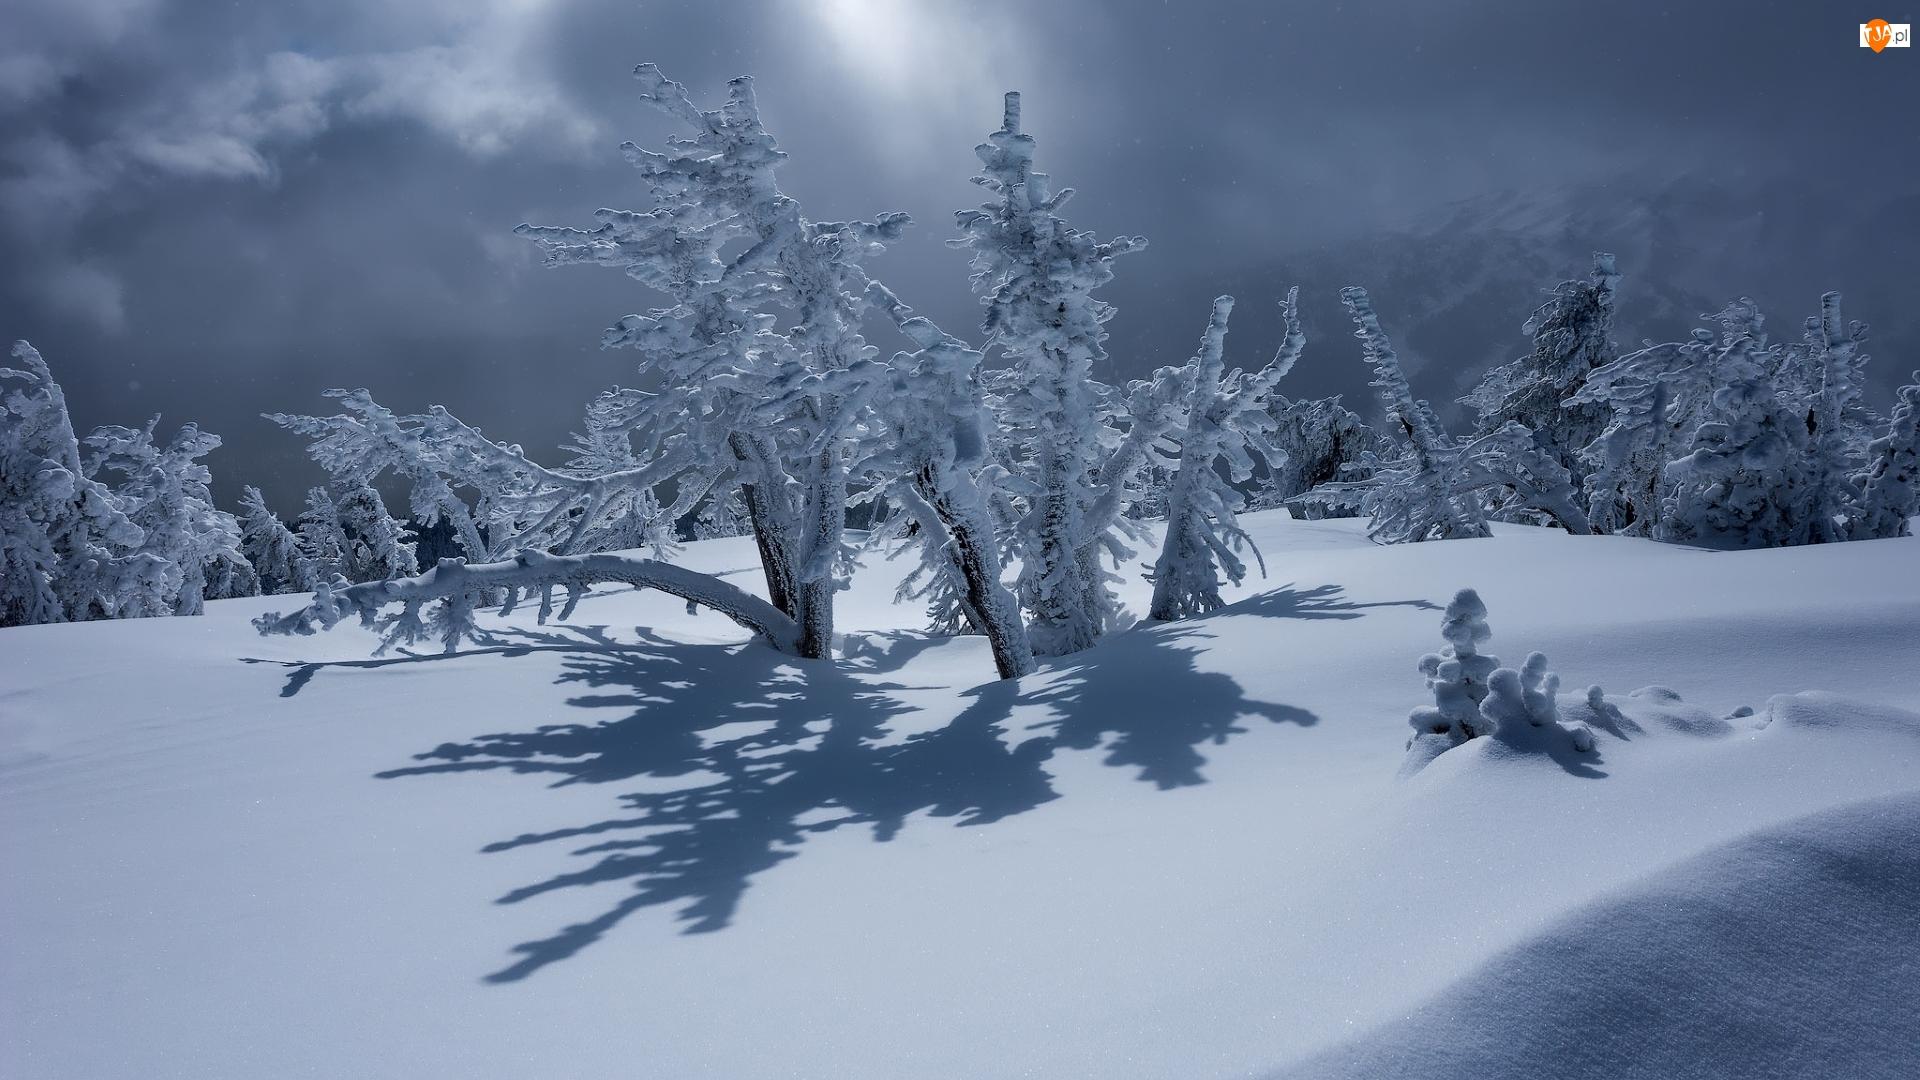 Ośnieżone, Krzewy, Śnieg, Zima, Drzewa